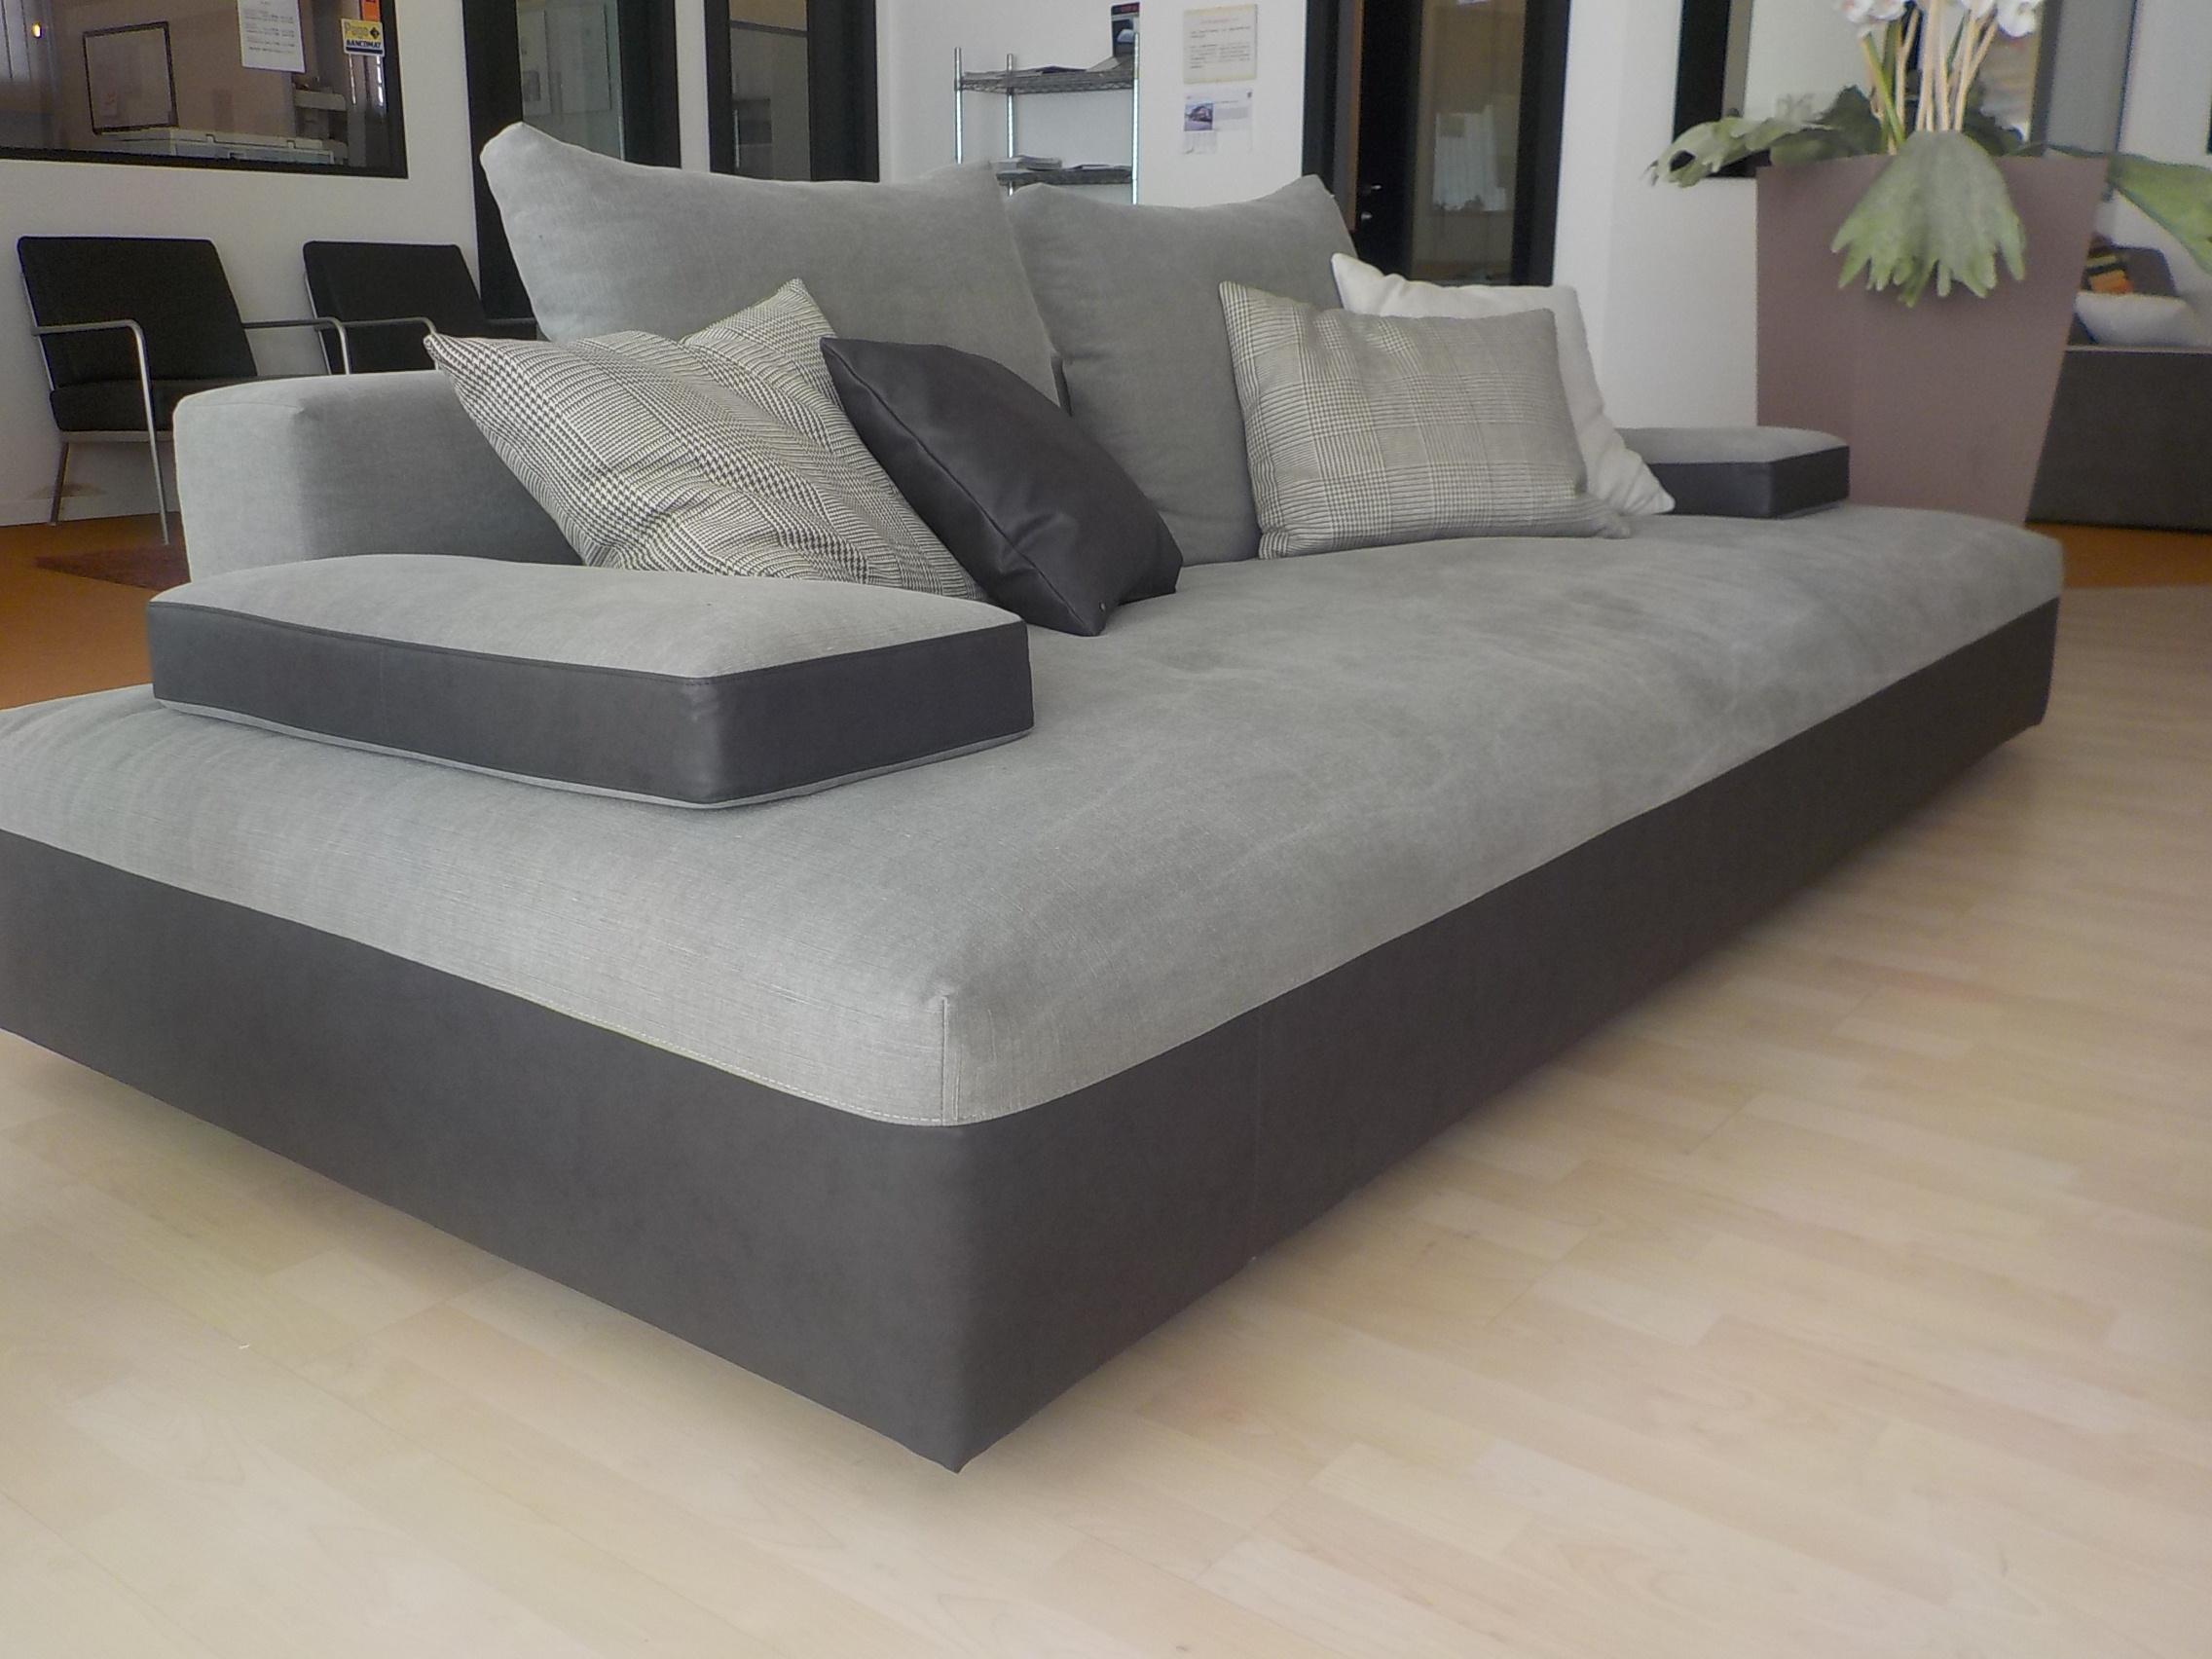 Divano desir e glow in divani lineari tessuto divano 4 for Divano 4 posti